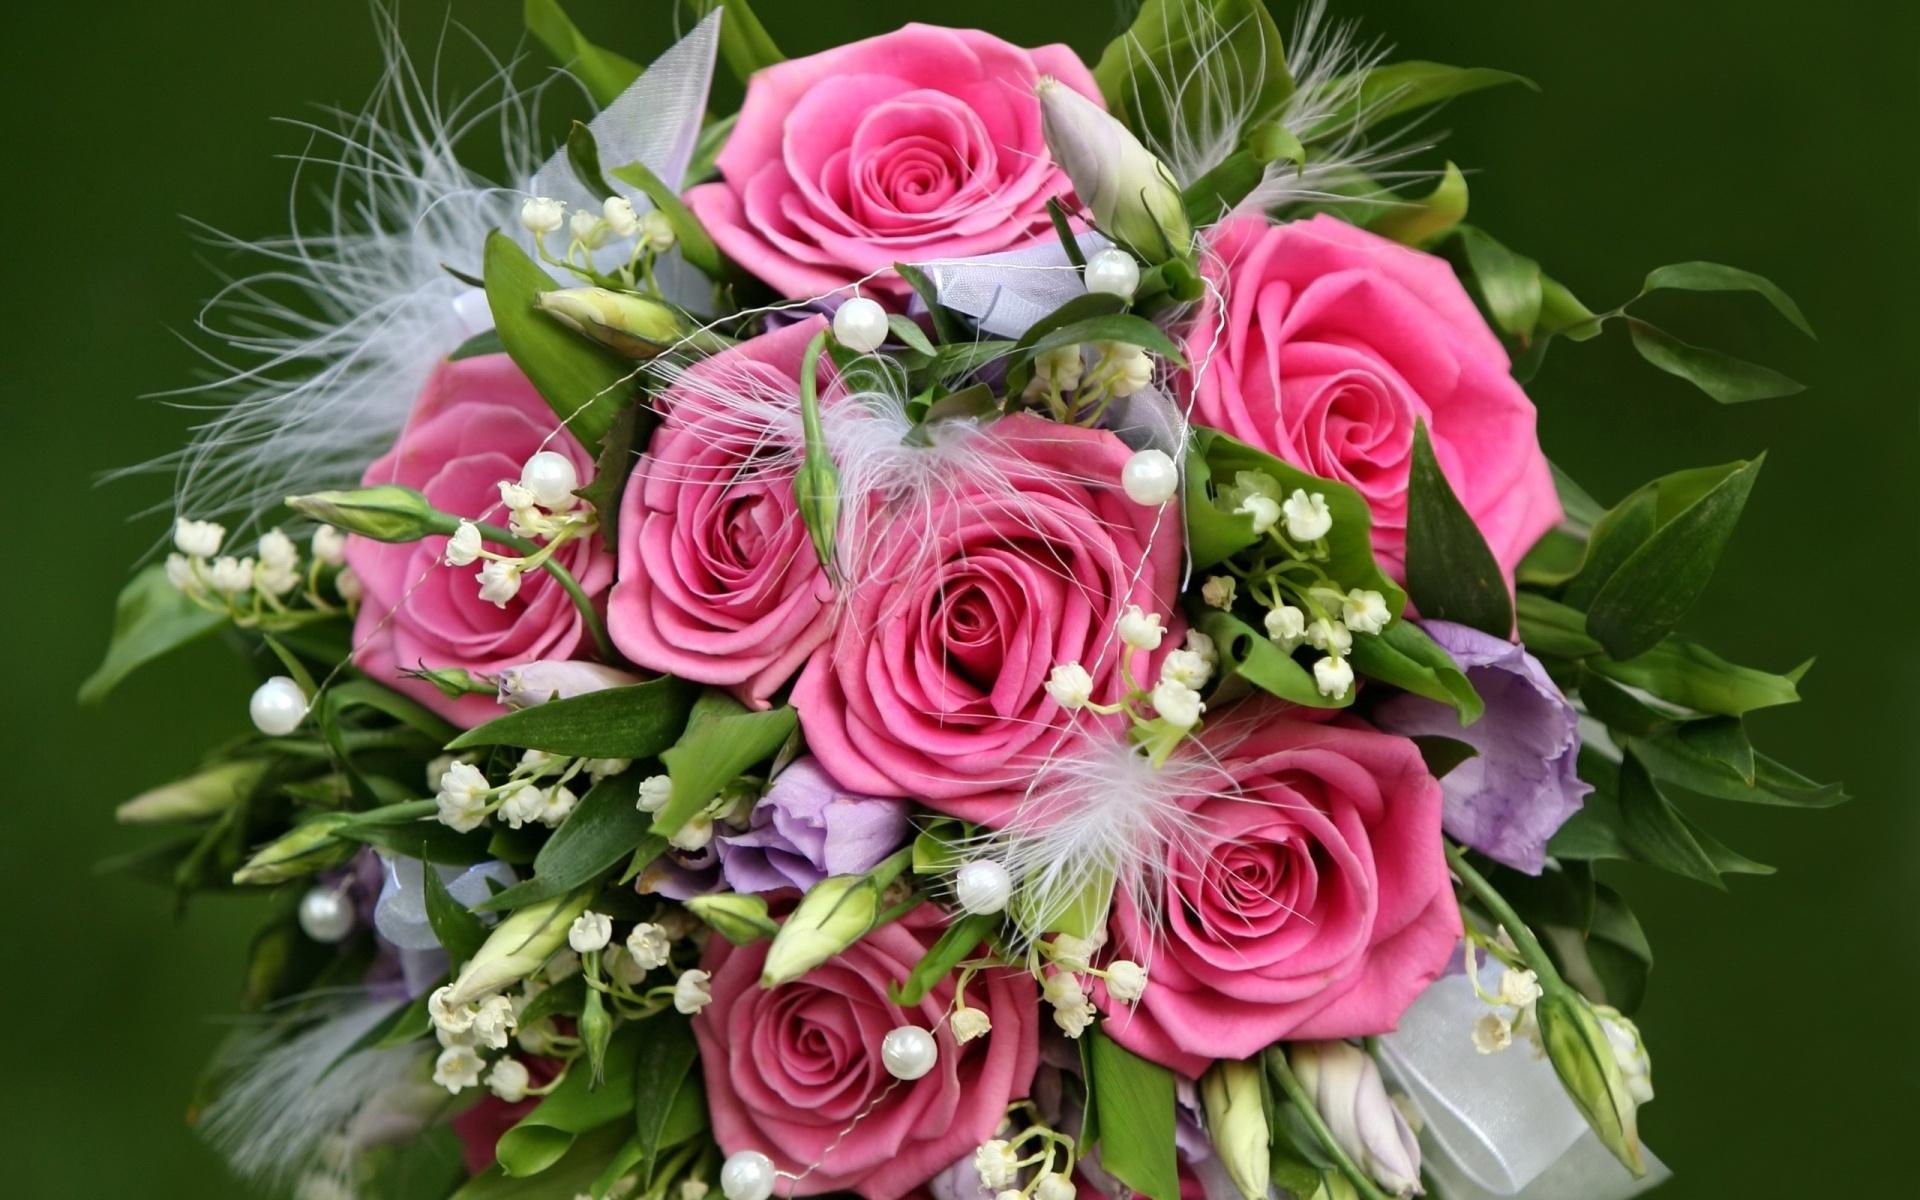 27527 скачать обои Растения, Розы, Цветы, Букеты, Фон - заставки и картинки бесплатно